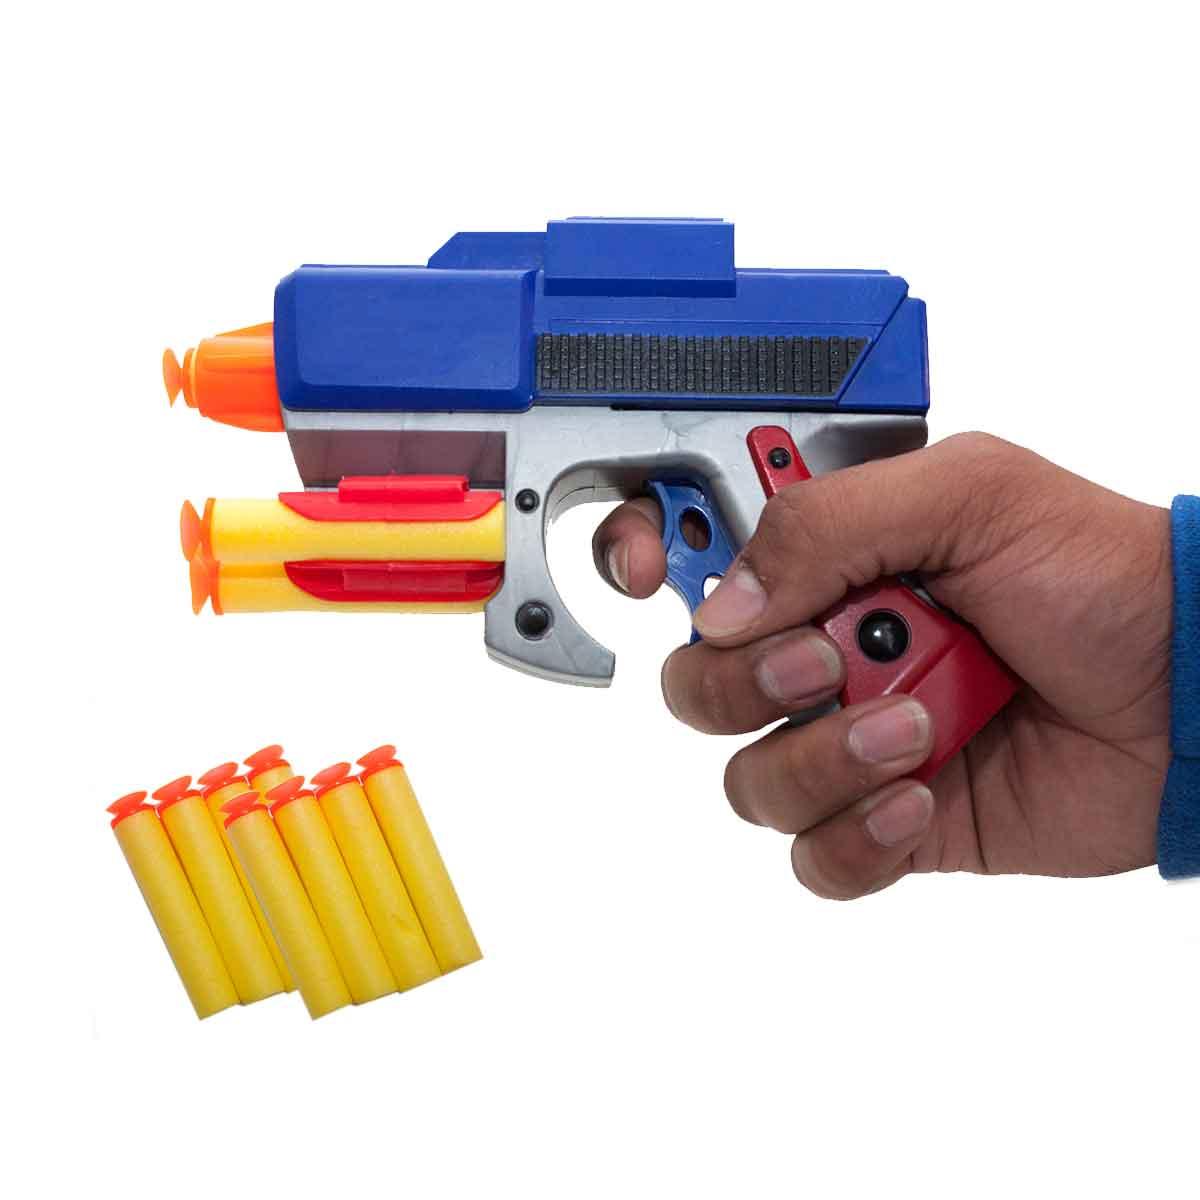 Pistola Brinquedo Infantil Pressão Dardos Criança Arma